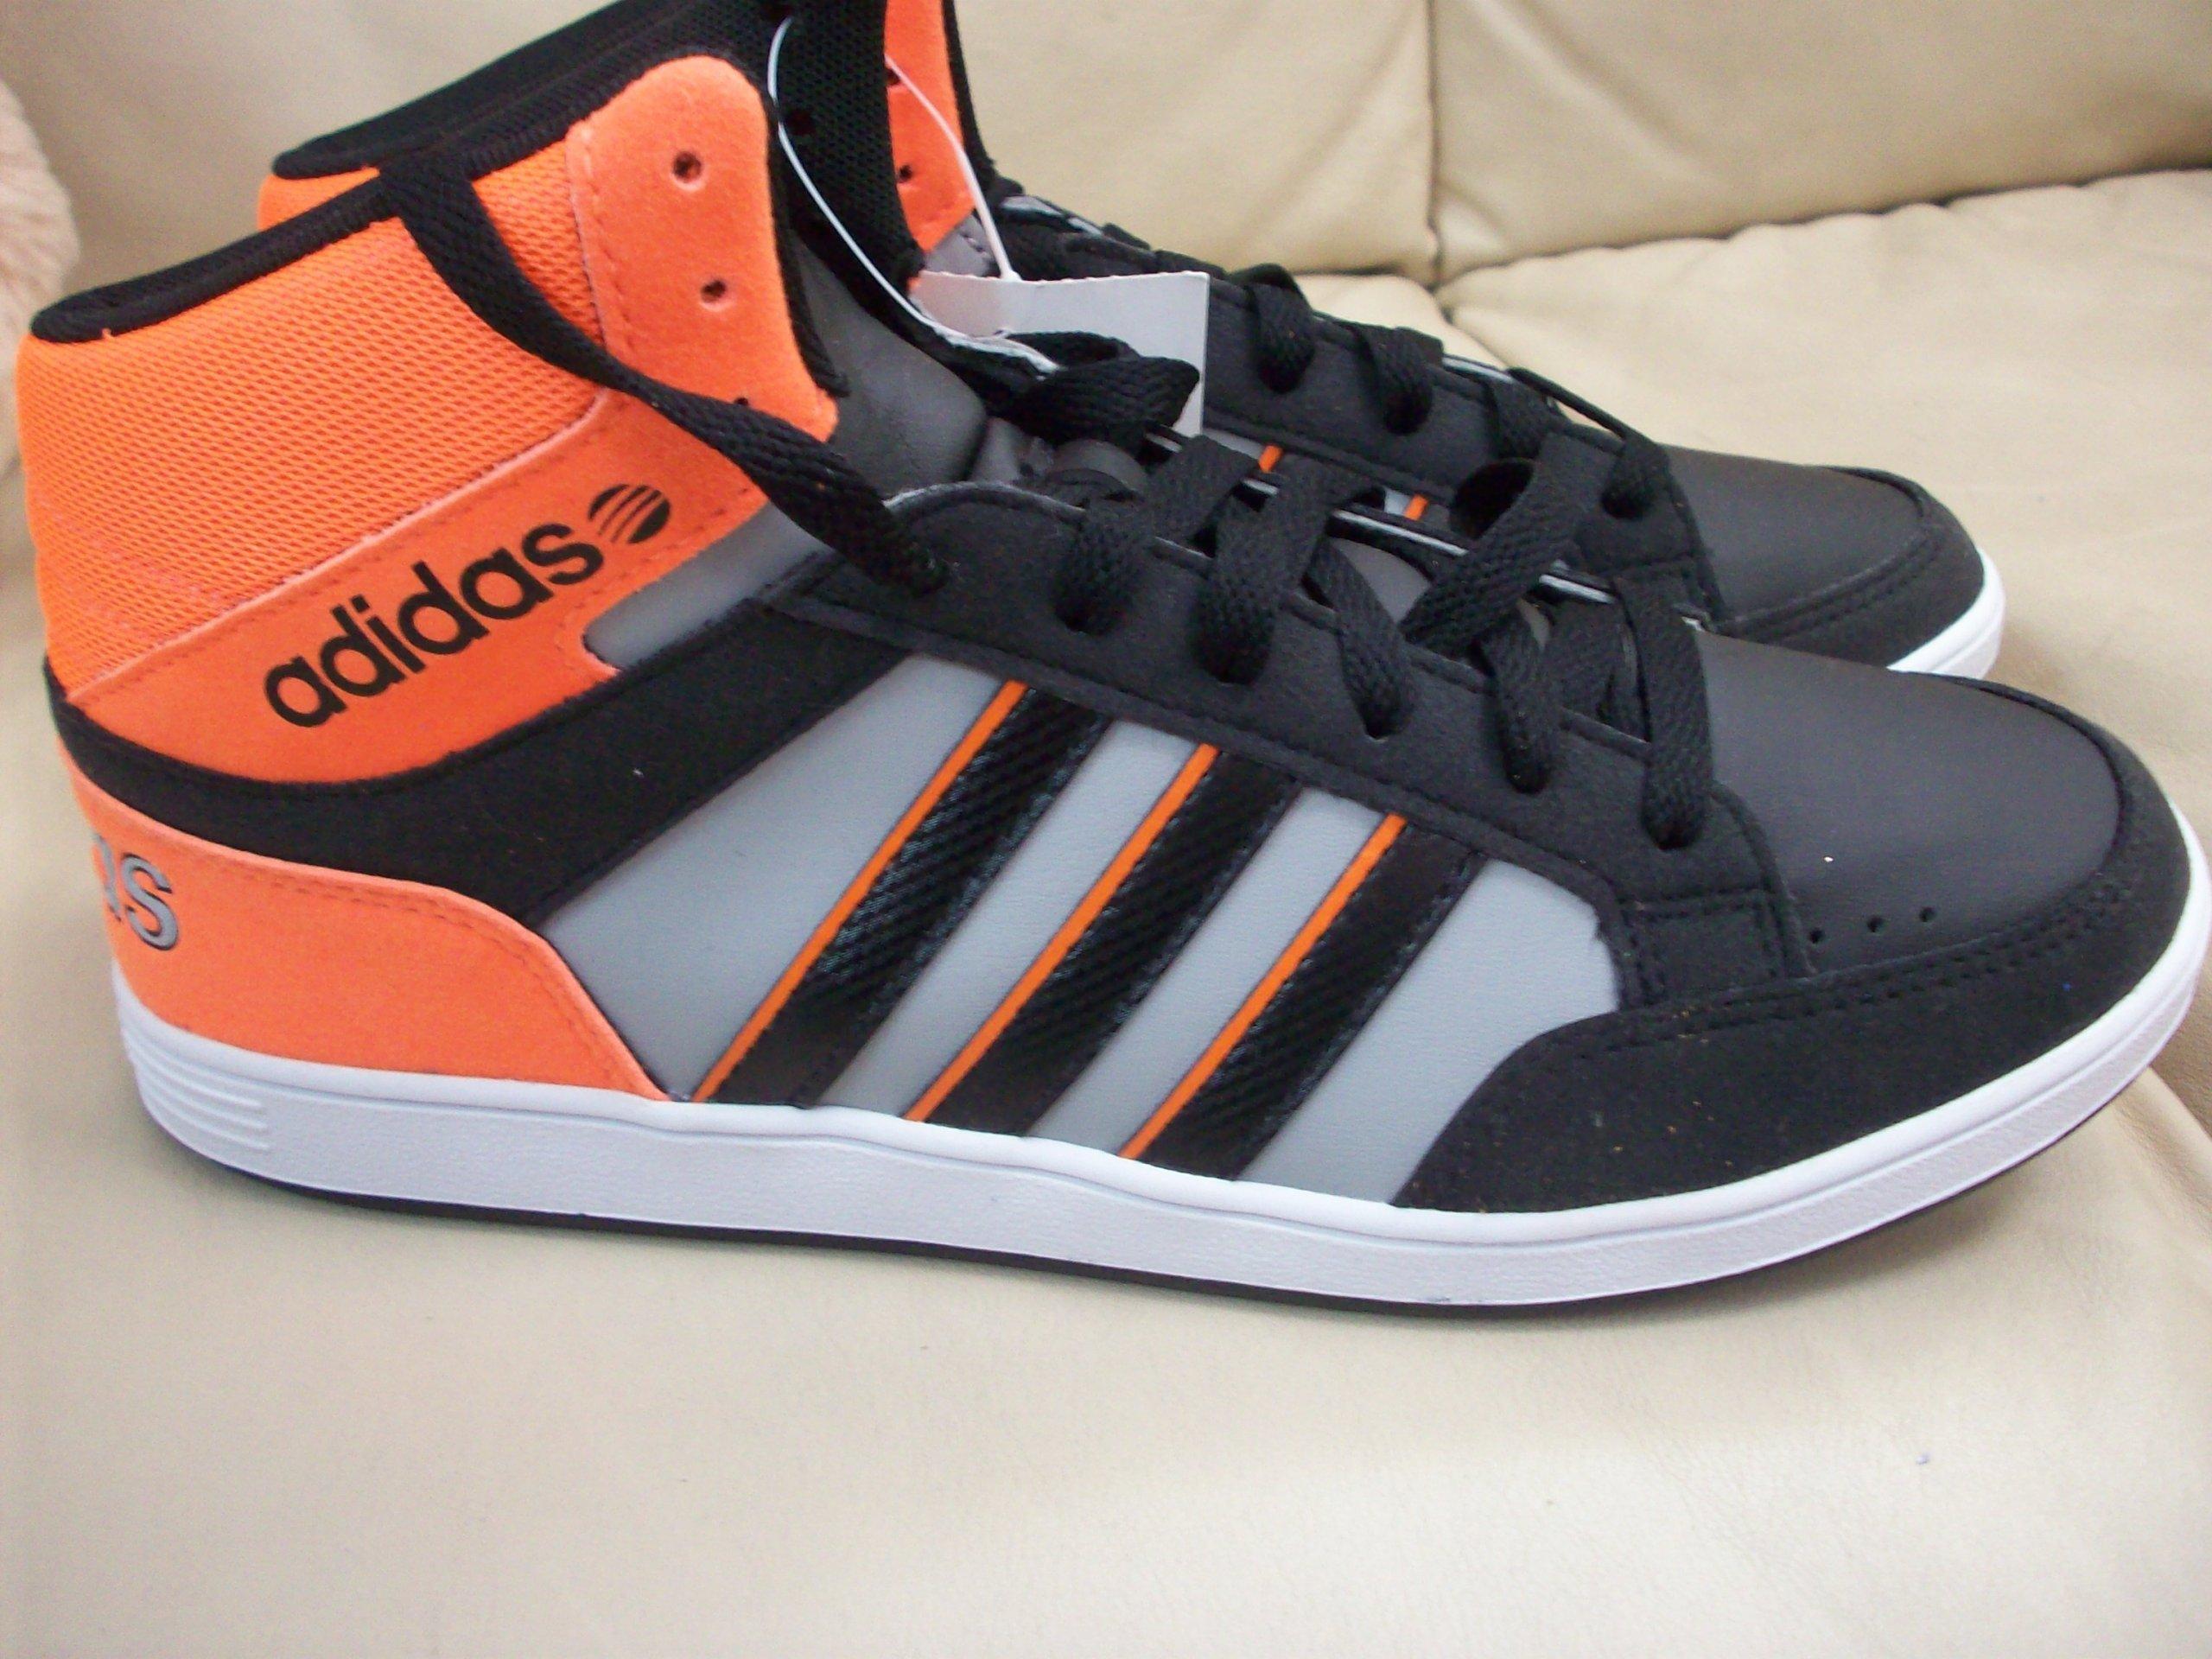 ADIDAS sportowe buty chłopięce r 38 23